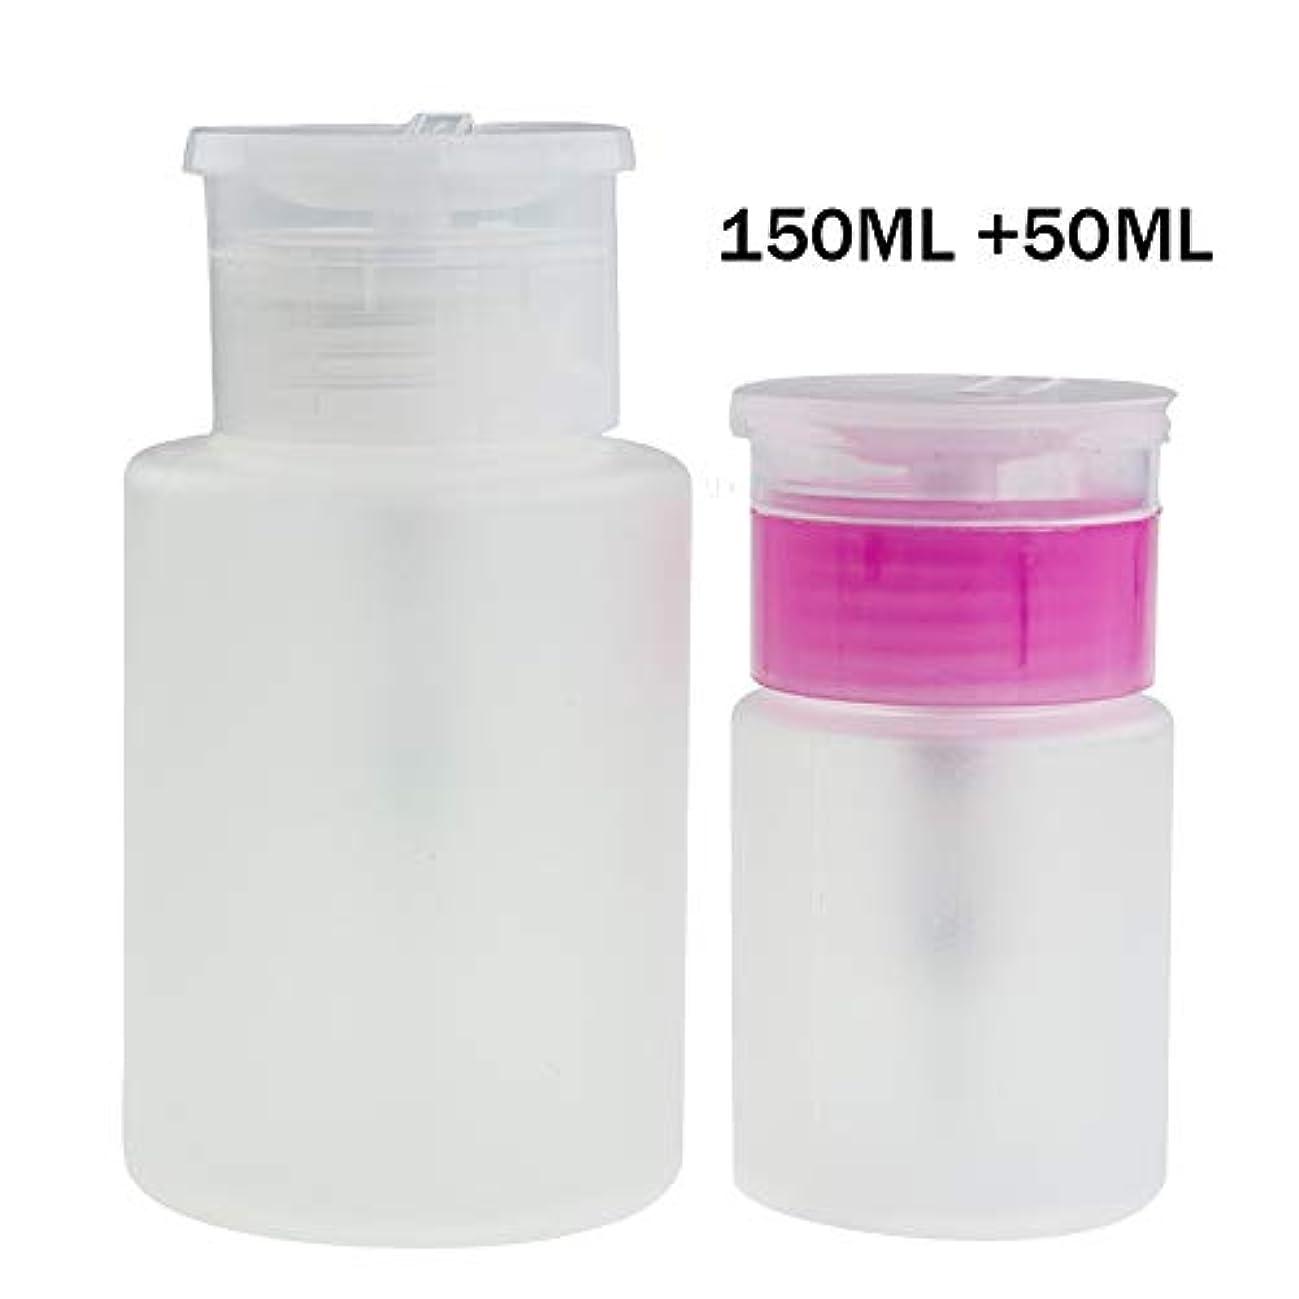 樫の木価値のない中にKingsie ポンプディスペンサー 2個セット 150ml 50ml ネイルクリーナーボトル 詰め替え容器 液体ボトル ジェルクリーナー ネイルリムーバー容器